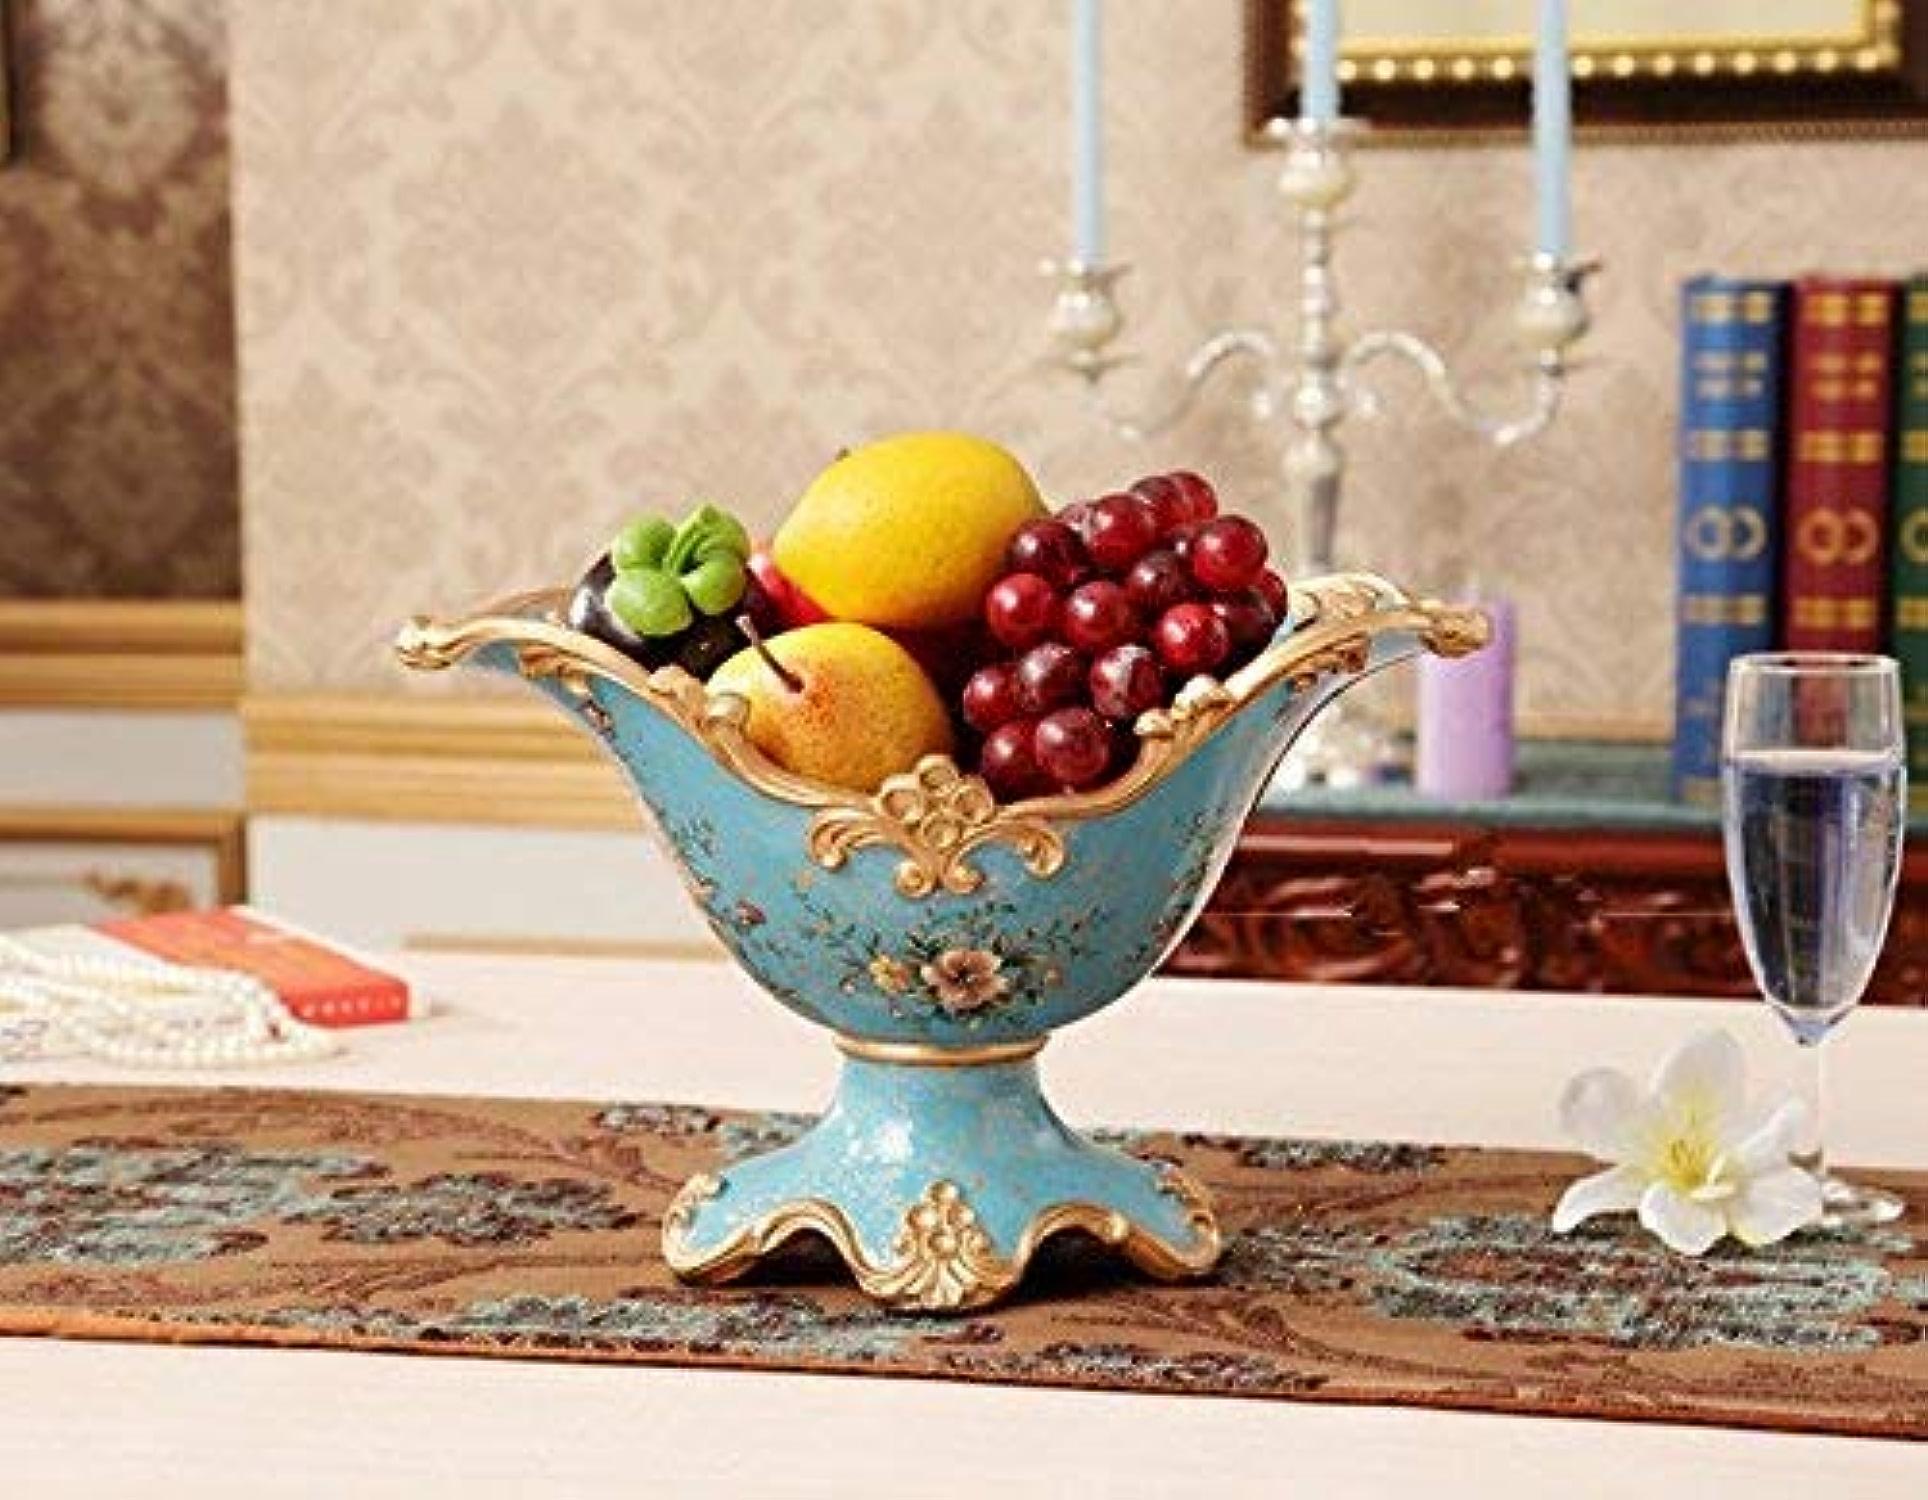 GWFVA Résine Pastorale Artisanat Grande Assiette de Fruits Assiette de Fruits secs Assiette de Fruits de Salon décoration décorative